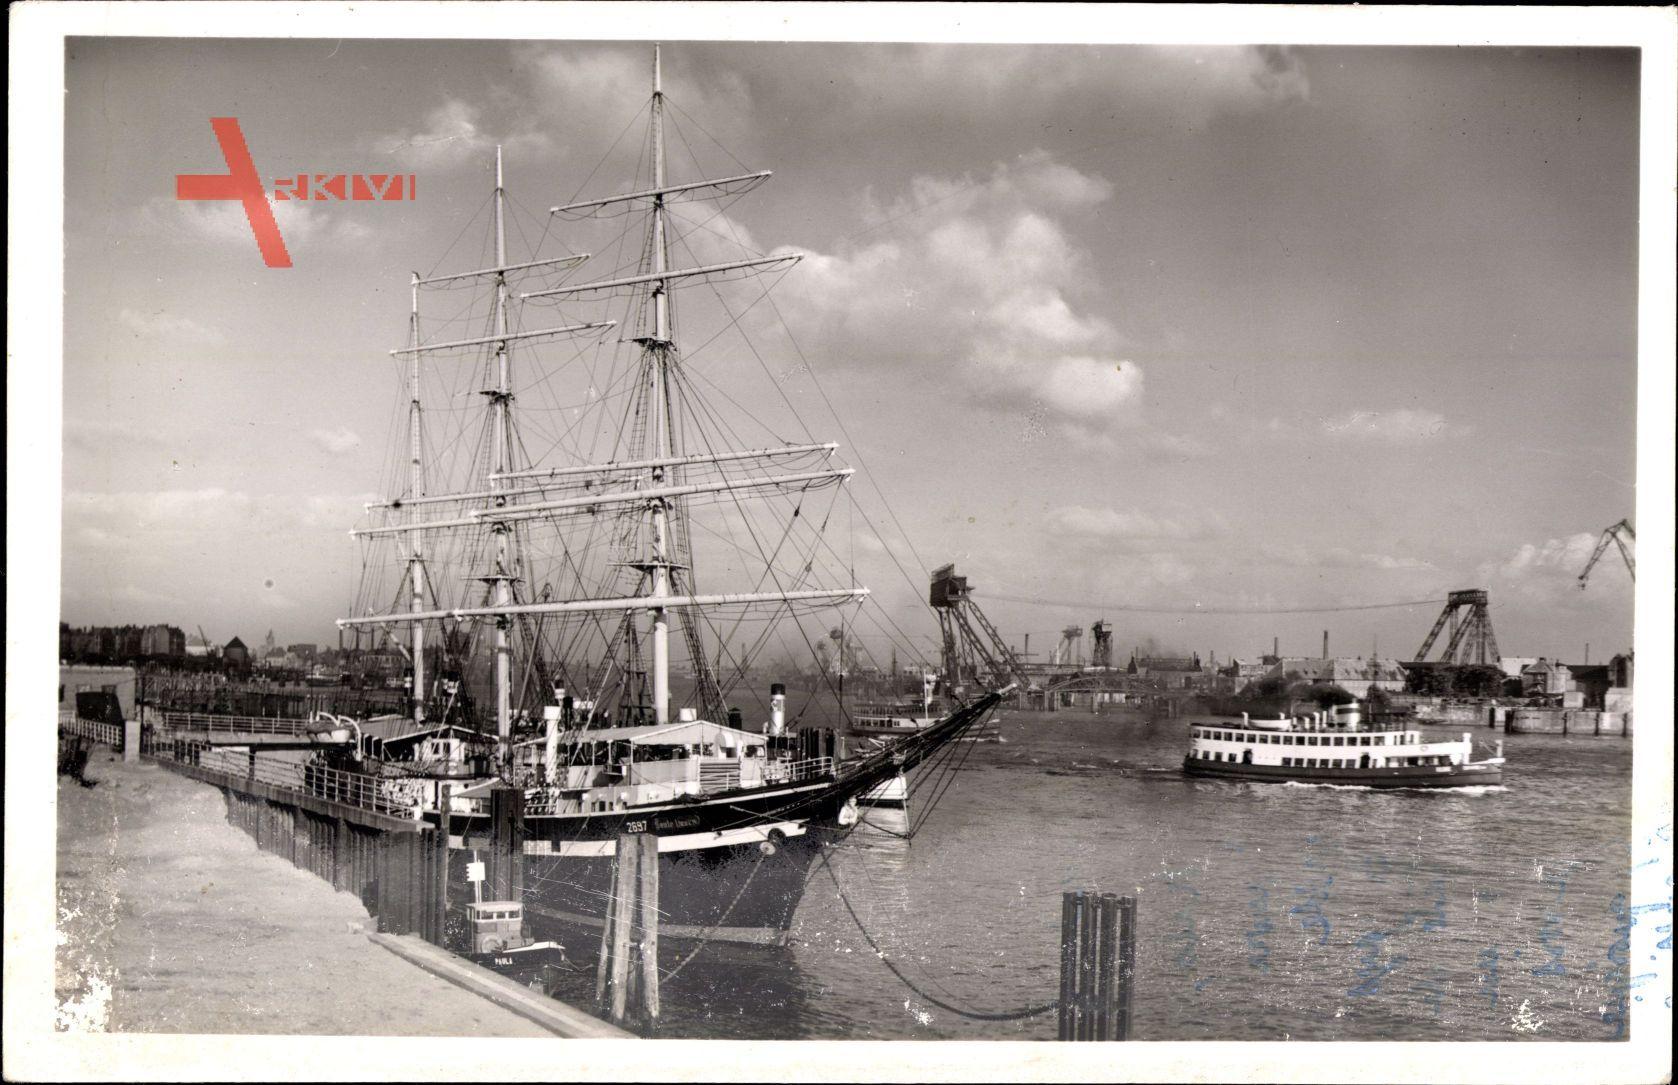 Hamburger Hafen, Hotelschiff Seute Deern, Restaurant, Segelschiff